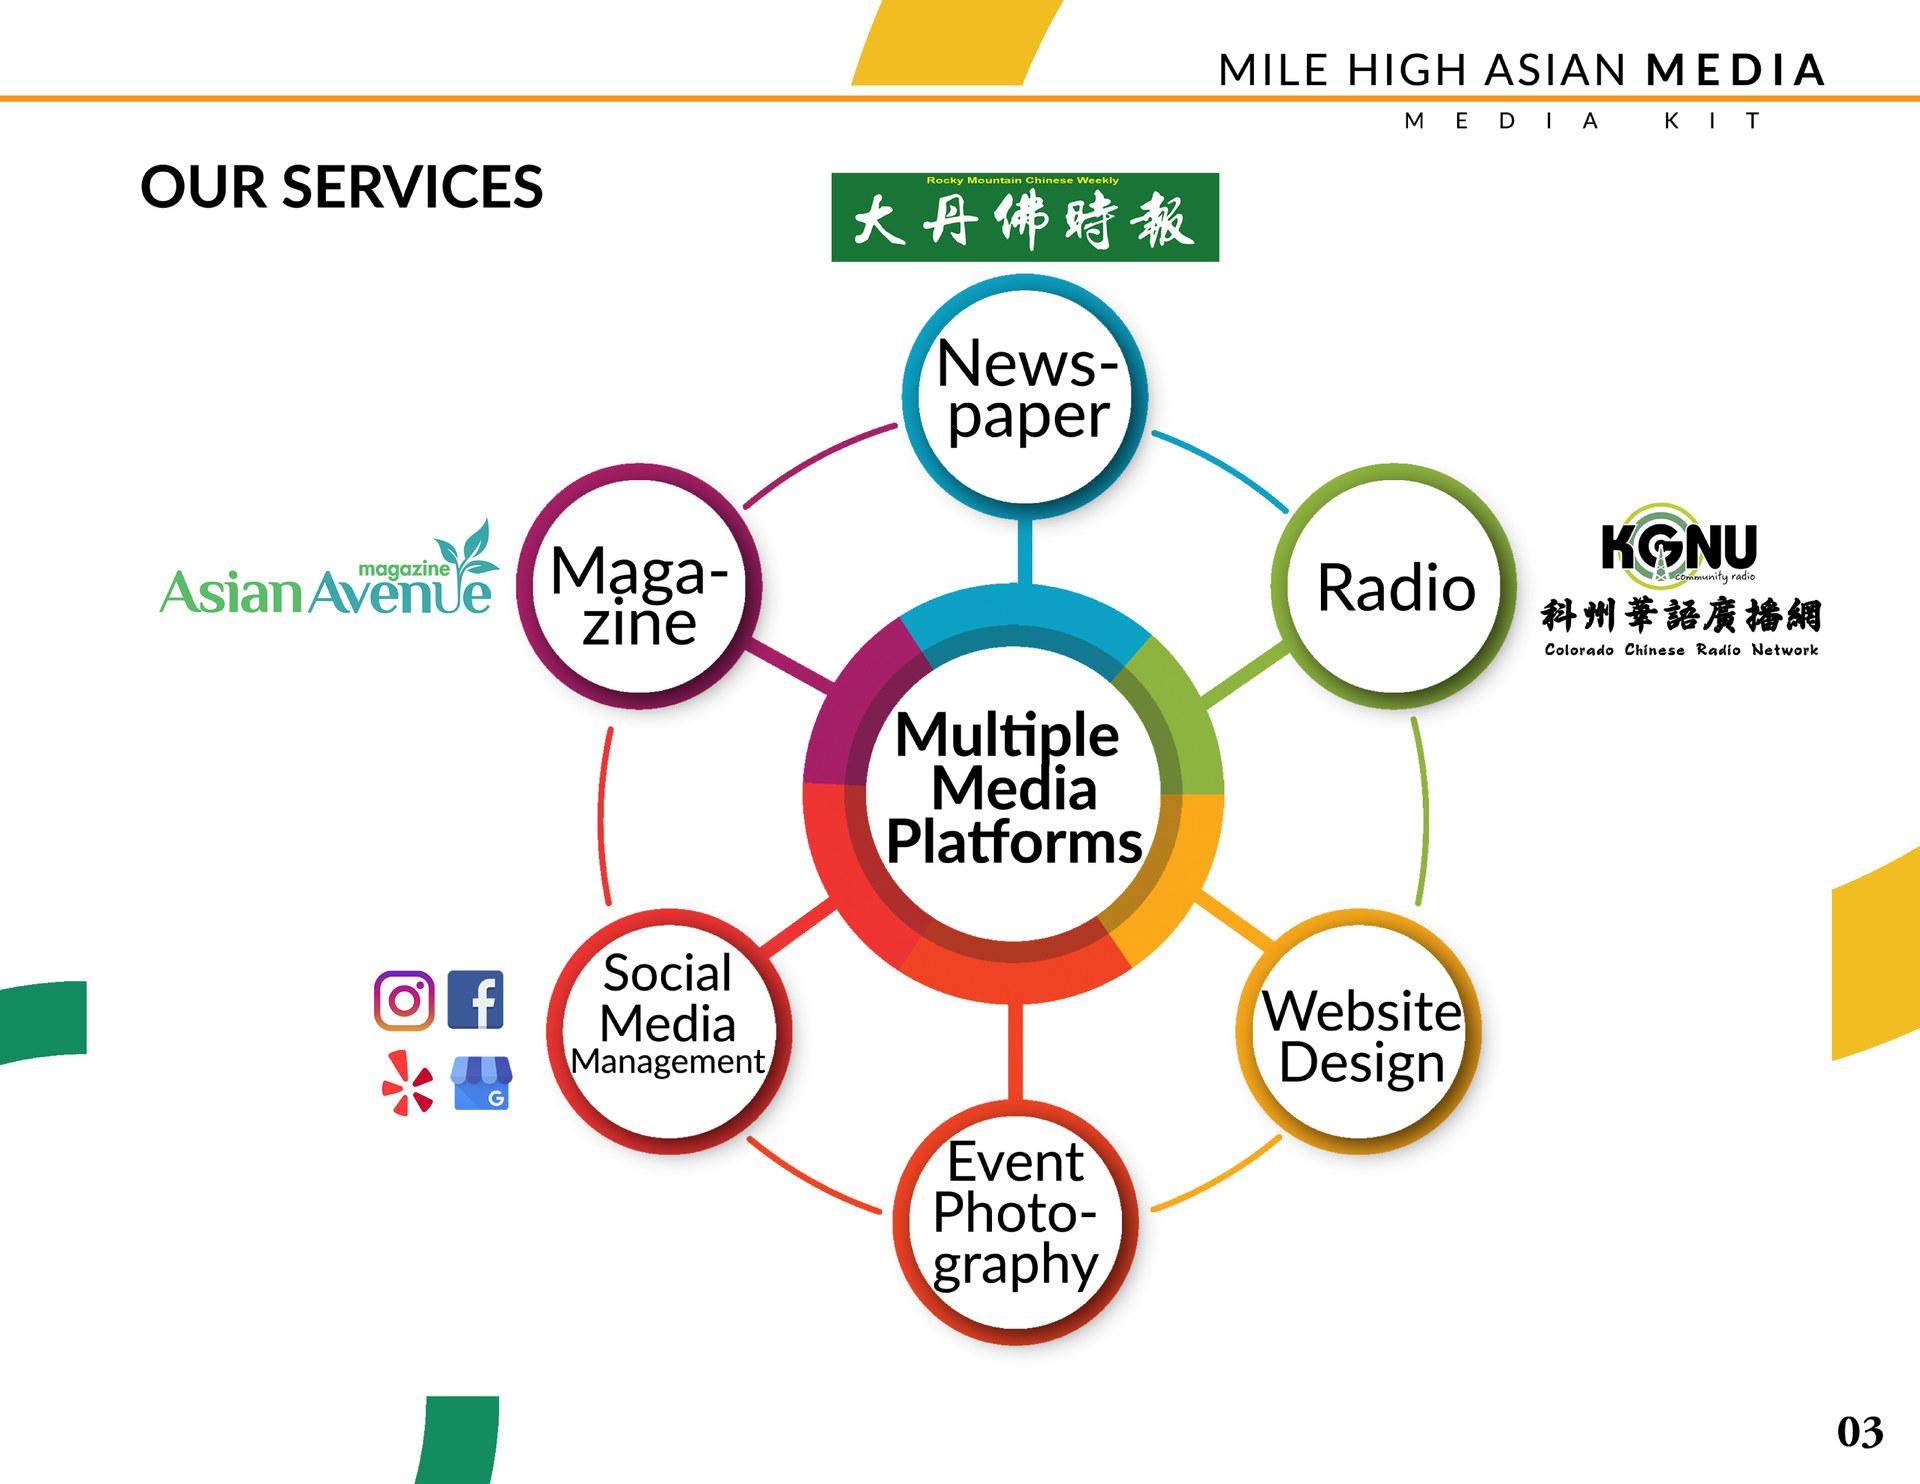 MHAM media kit update_20003.jpg